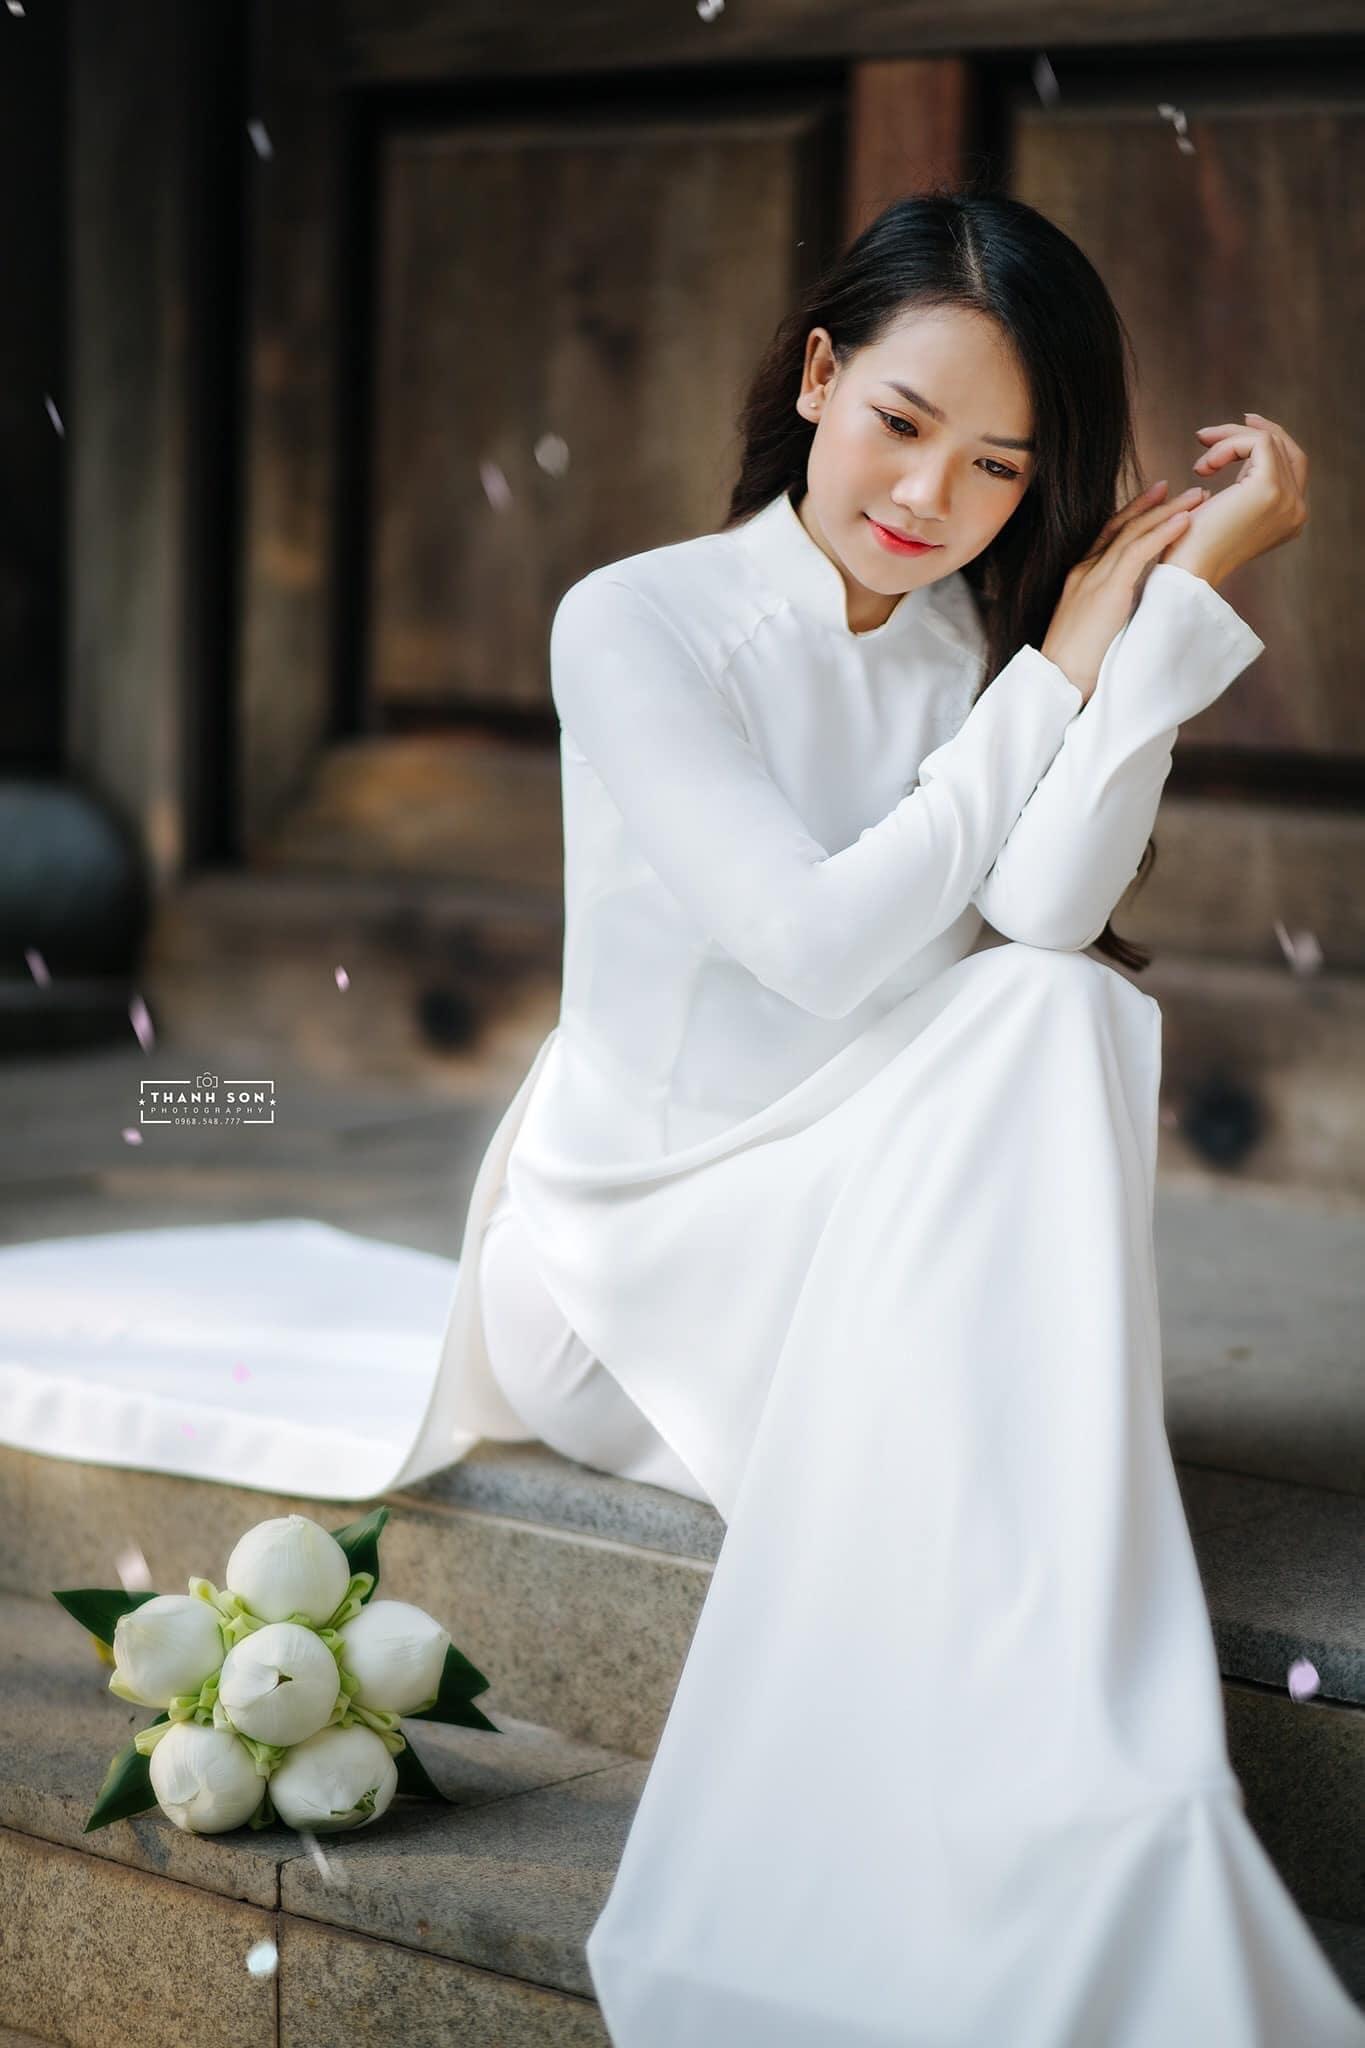 Tao dang voi ao dai 7 - 49 cách tạo dáng chụp ảnh với áo dài tuyệt đẹp - HThao Studio